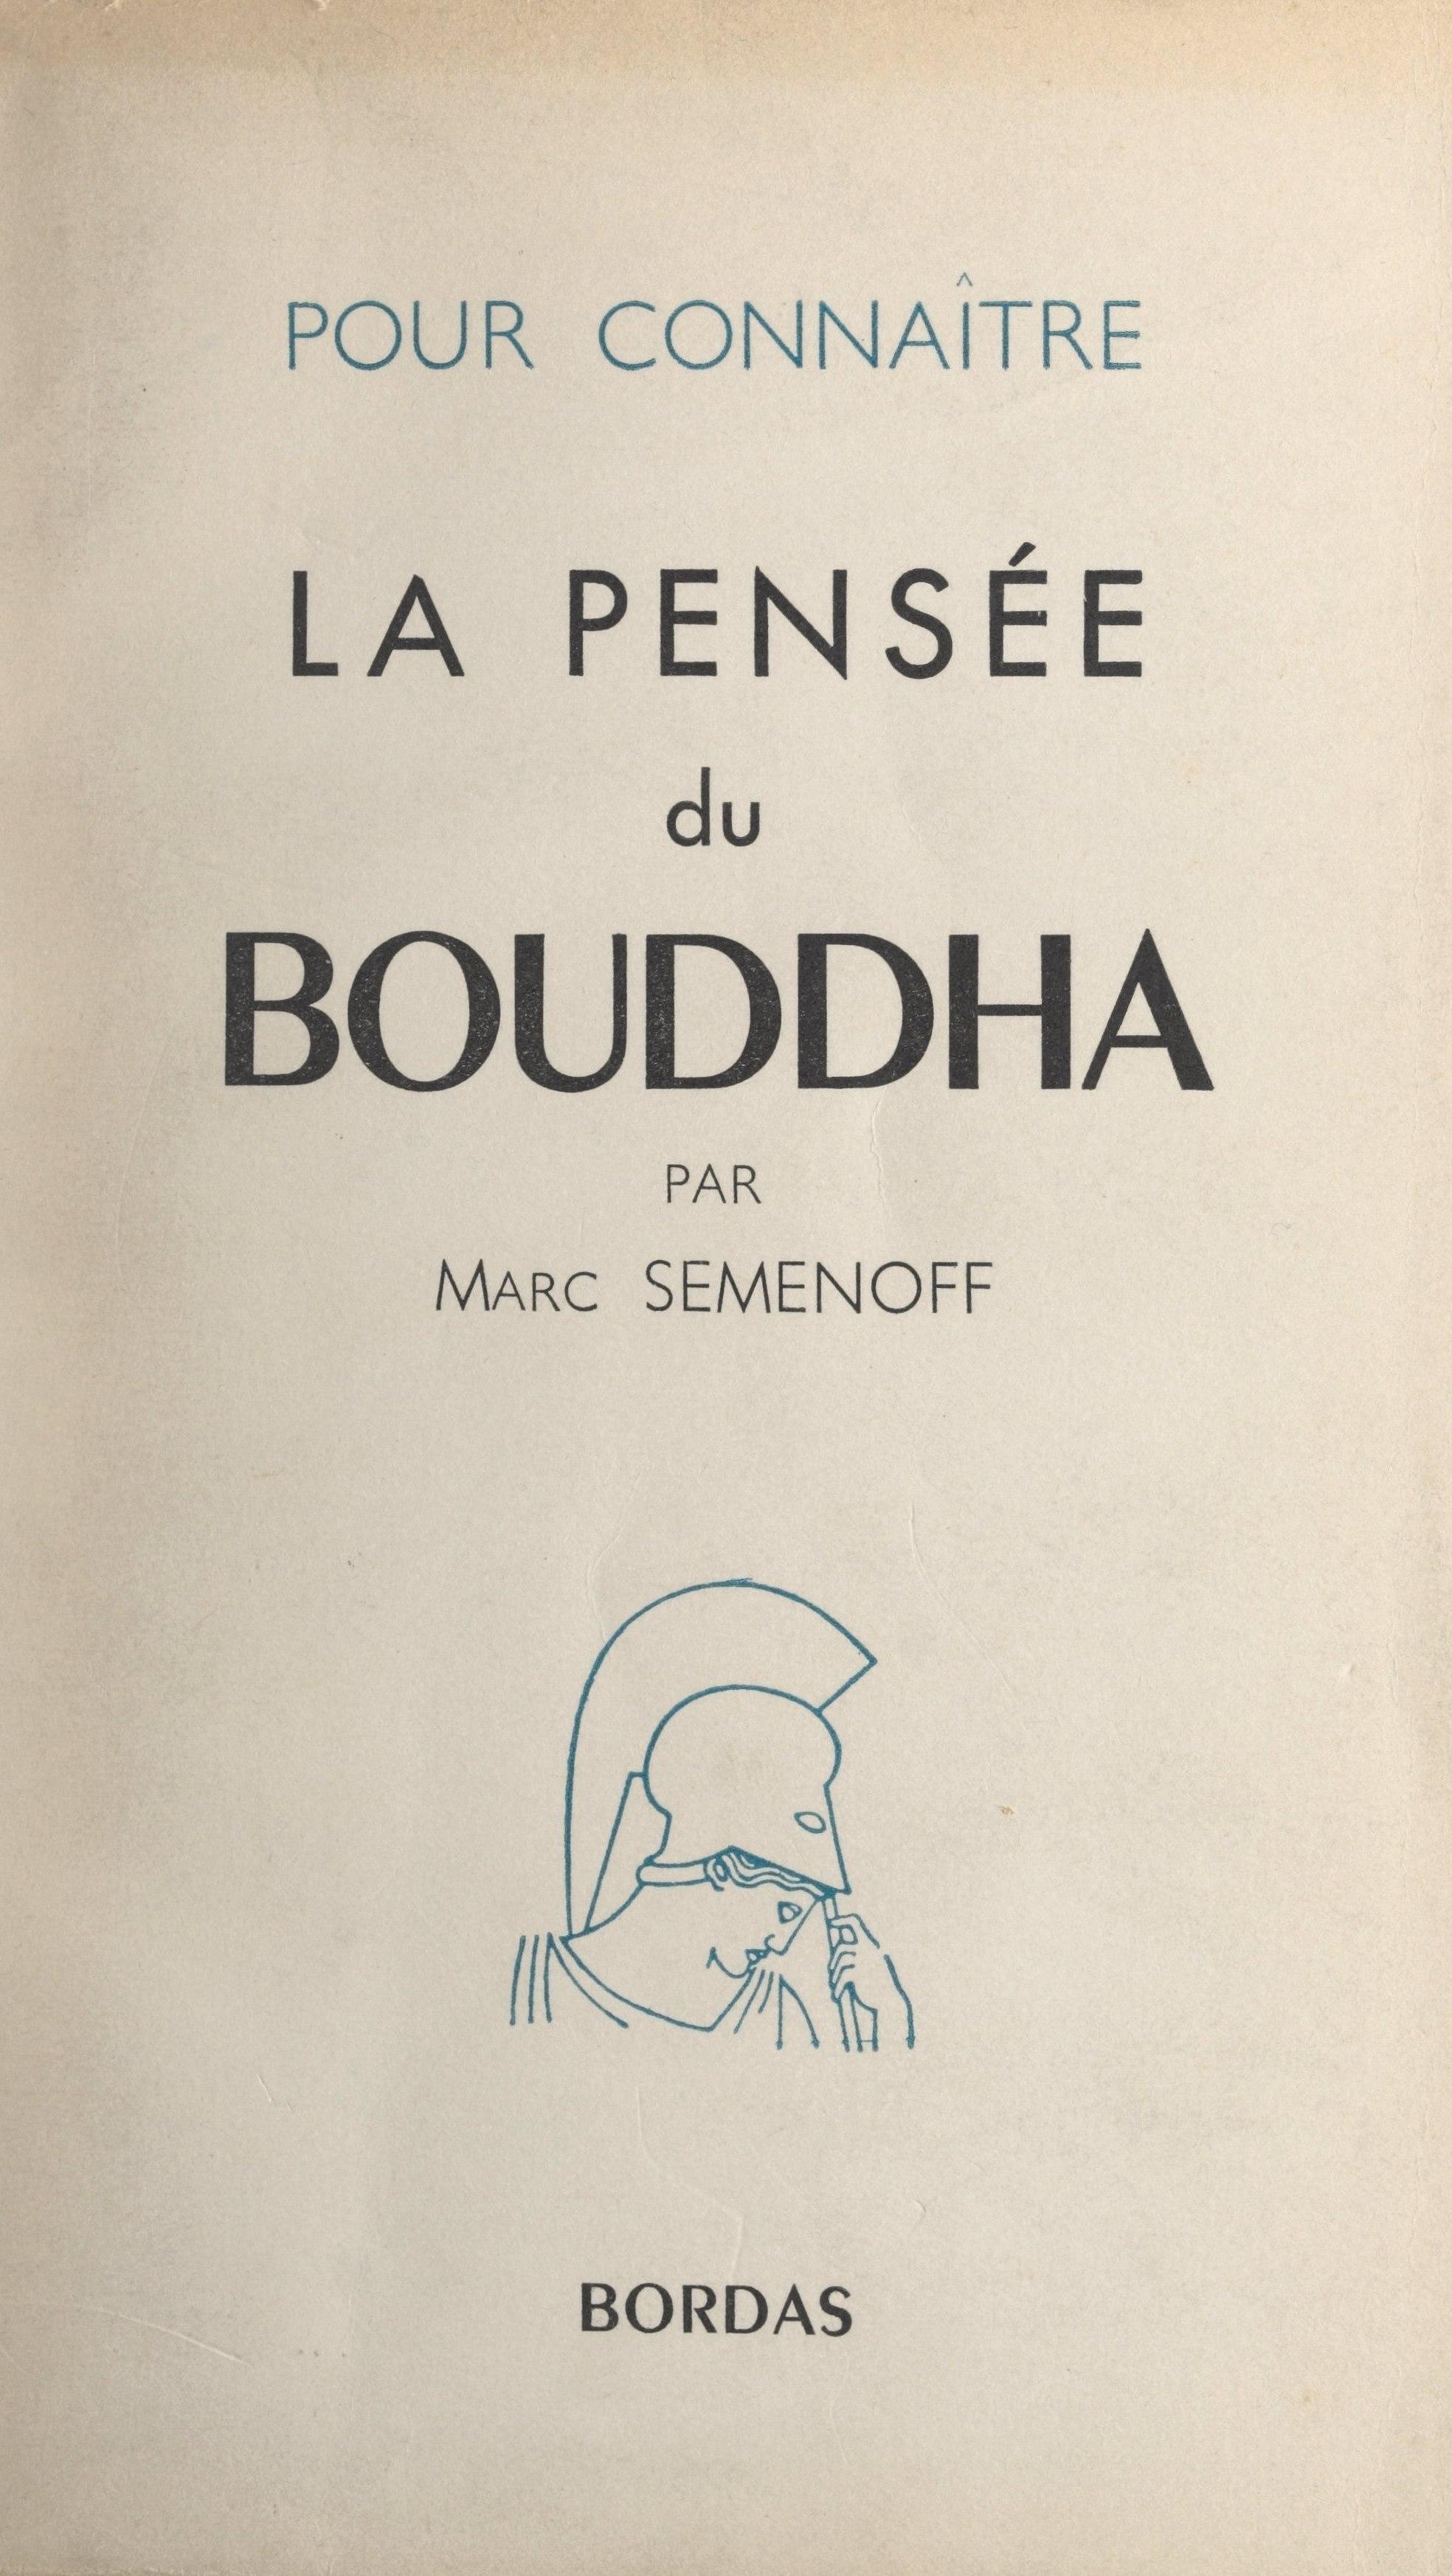 La pensée du Bouddha